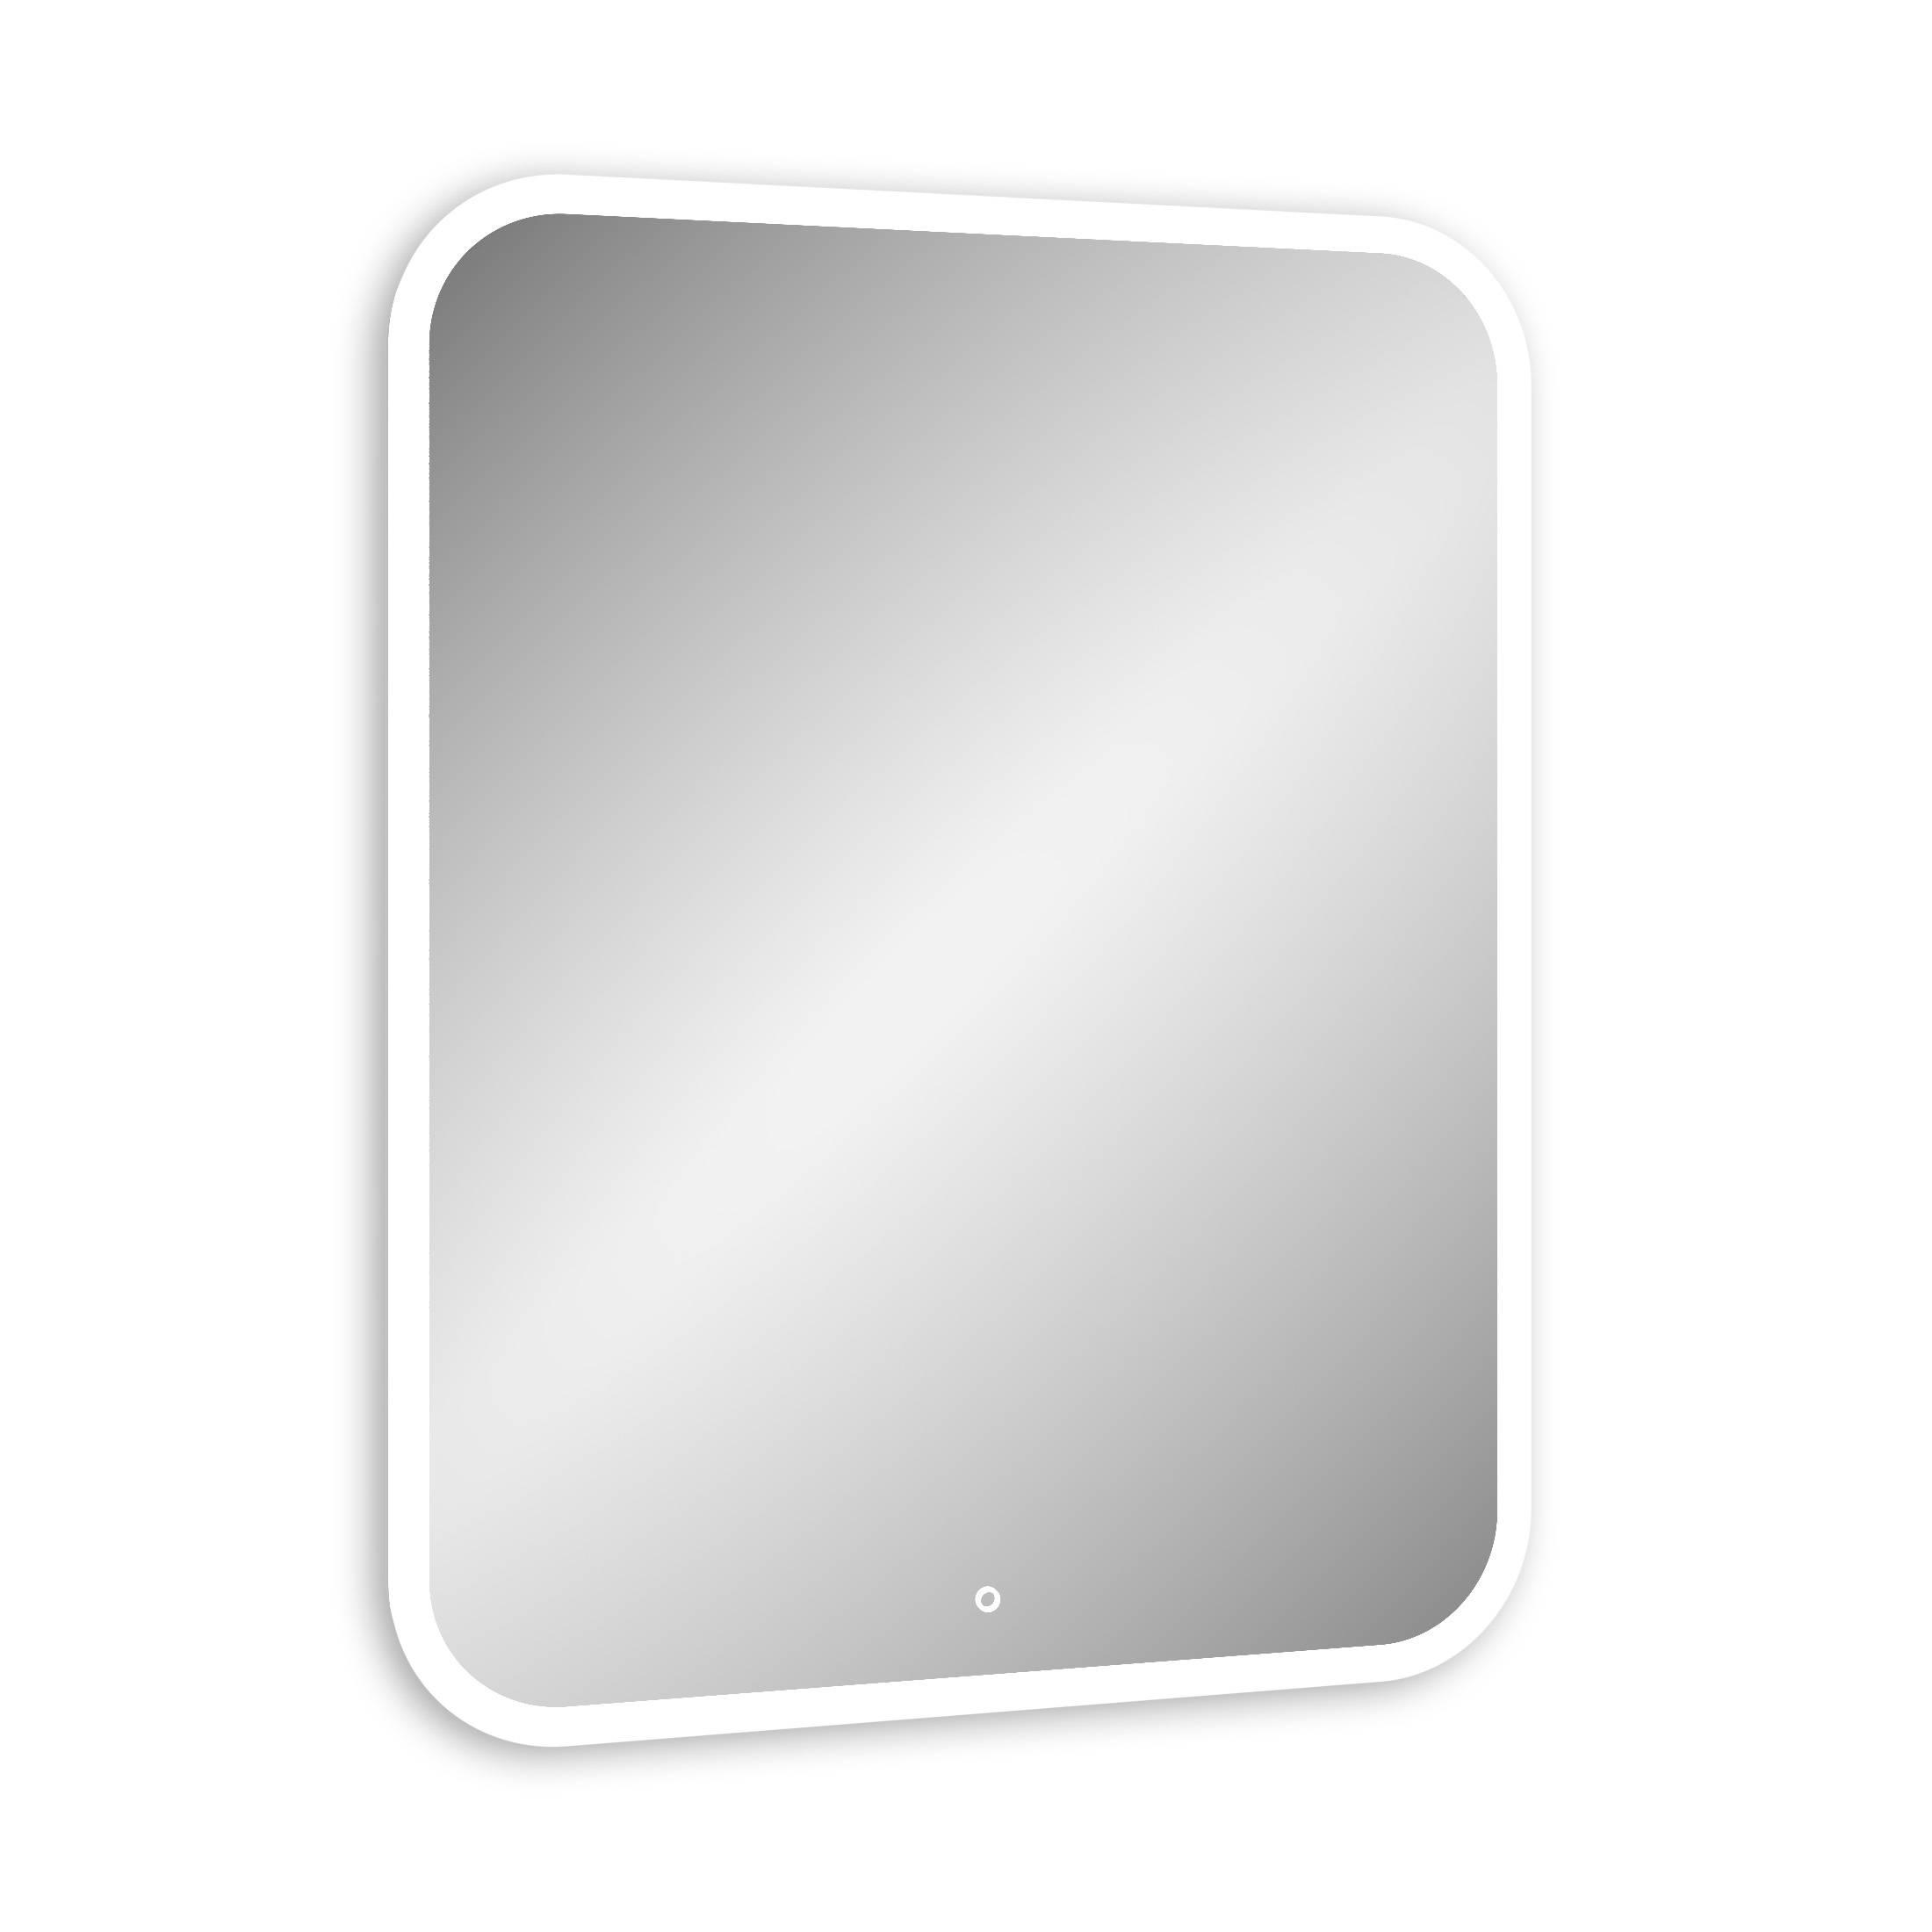 Зеркало Континент Glamour LED 68.5*91.5 ЗЛП150 с подогревом – купить по лучшим ценам в интернет магазине Сантехлюкс